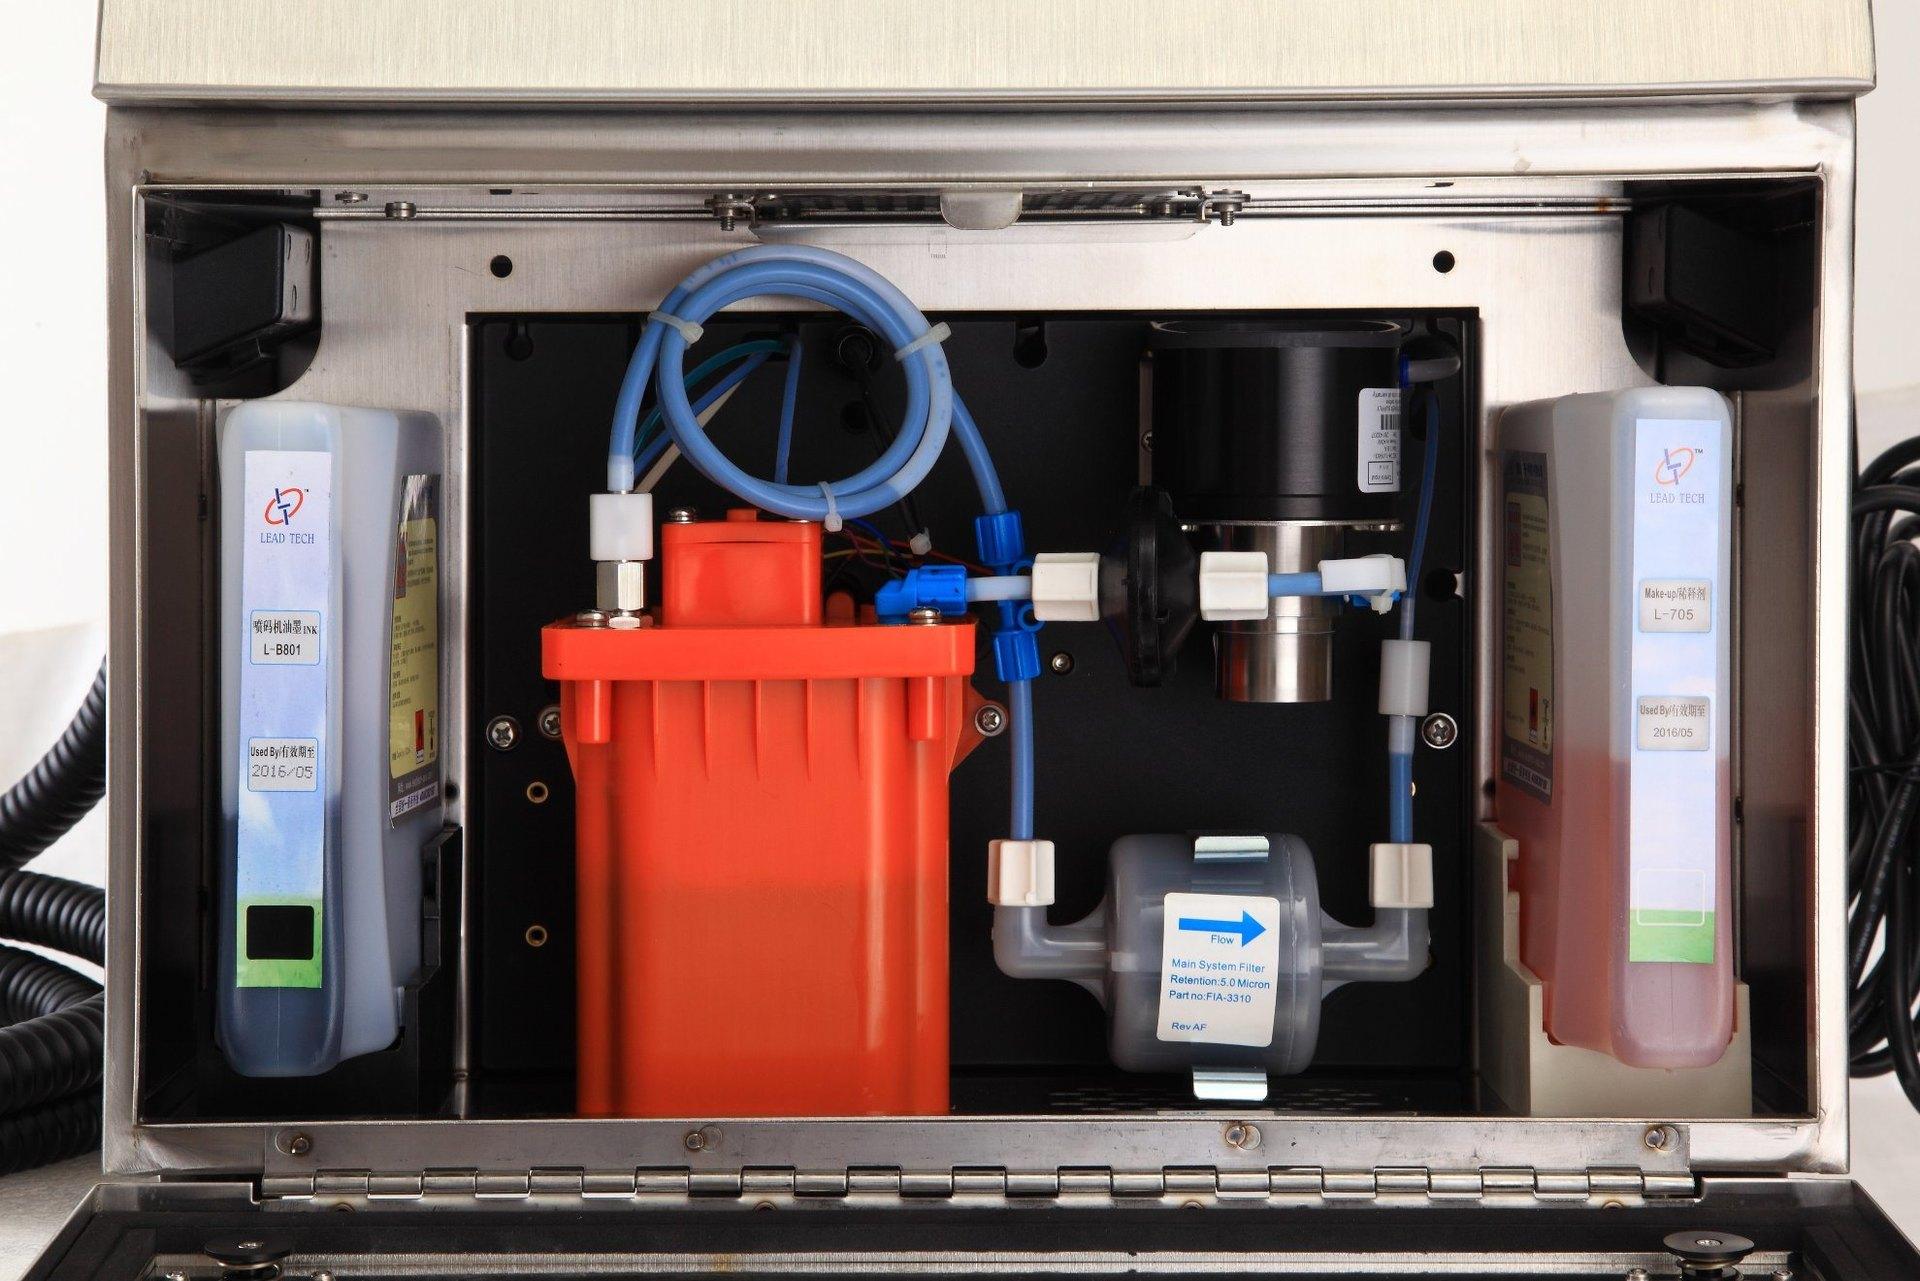 Lead Tech Lt1000s+ PVC Pipe Coding Cij Inkjet Printer